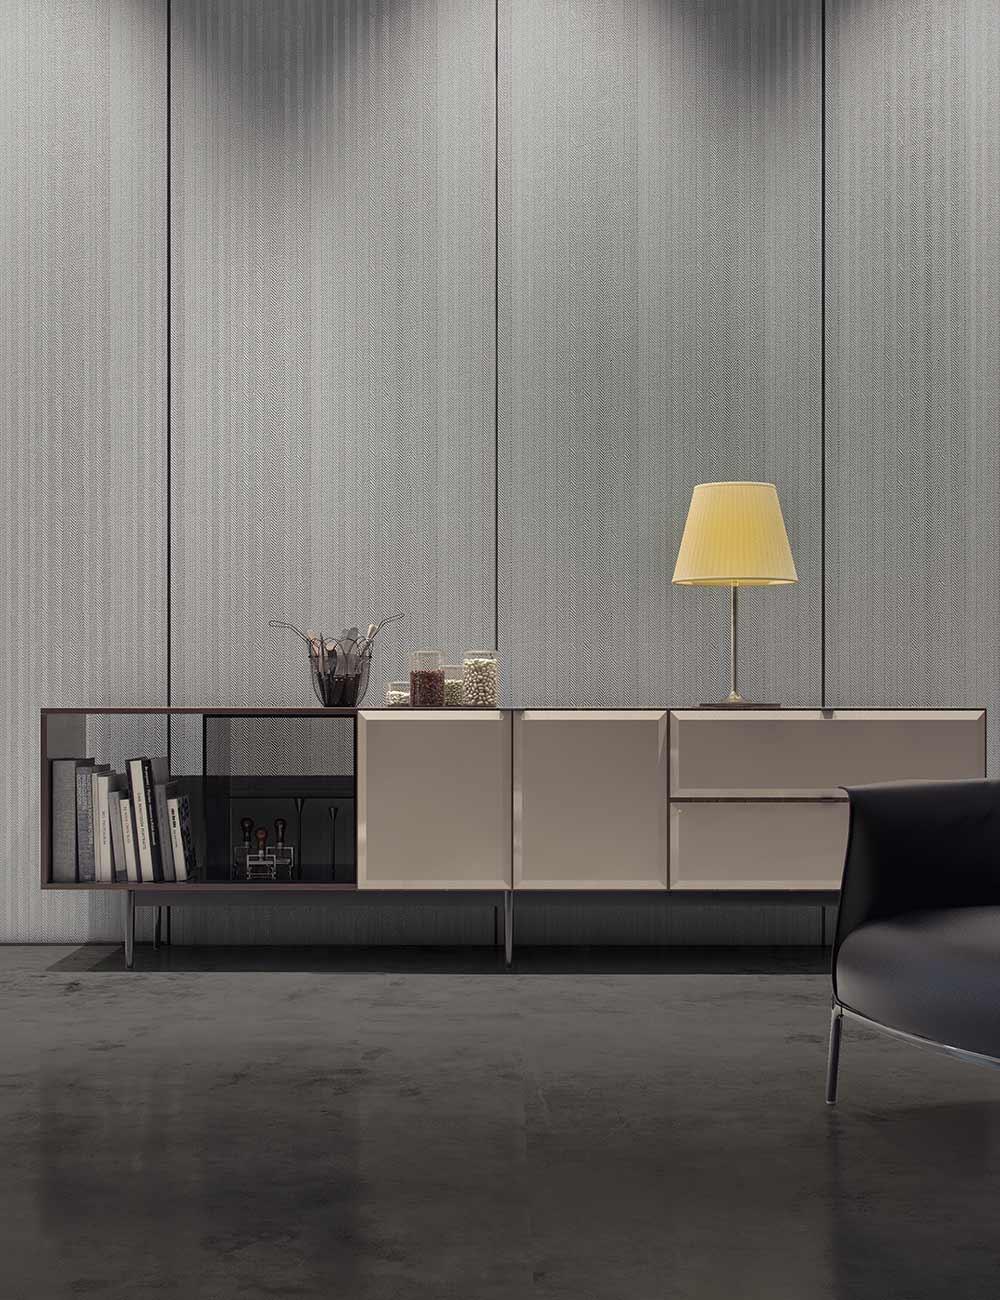 design archietti associati pasini martinoli